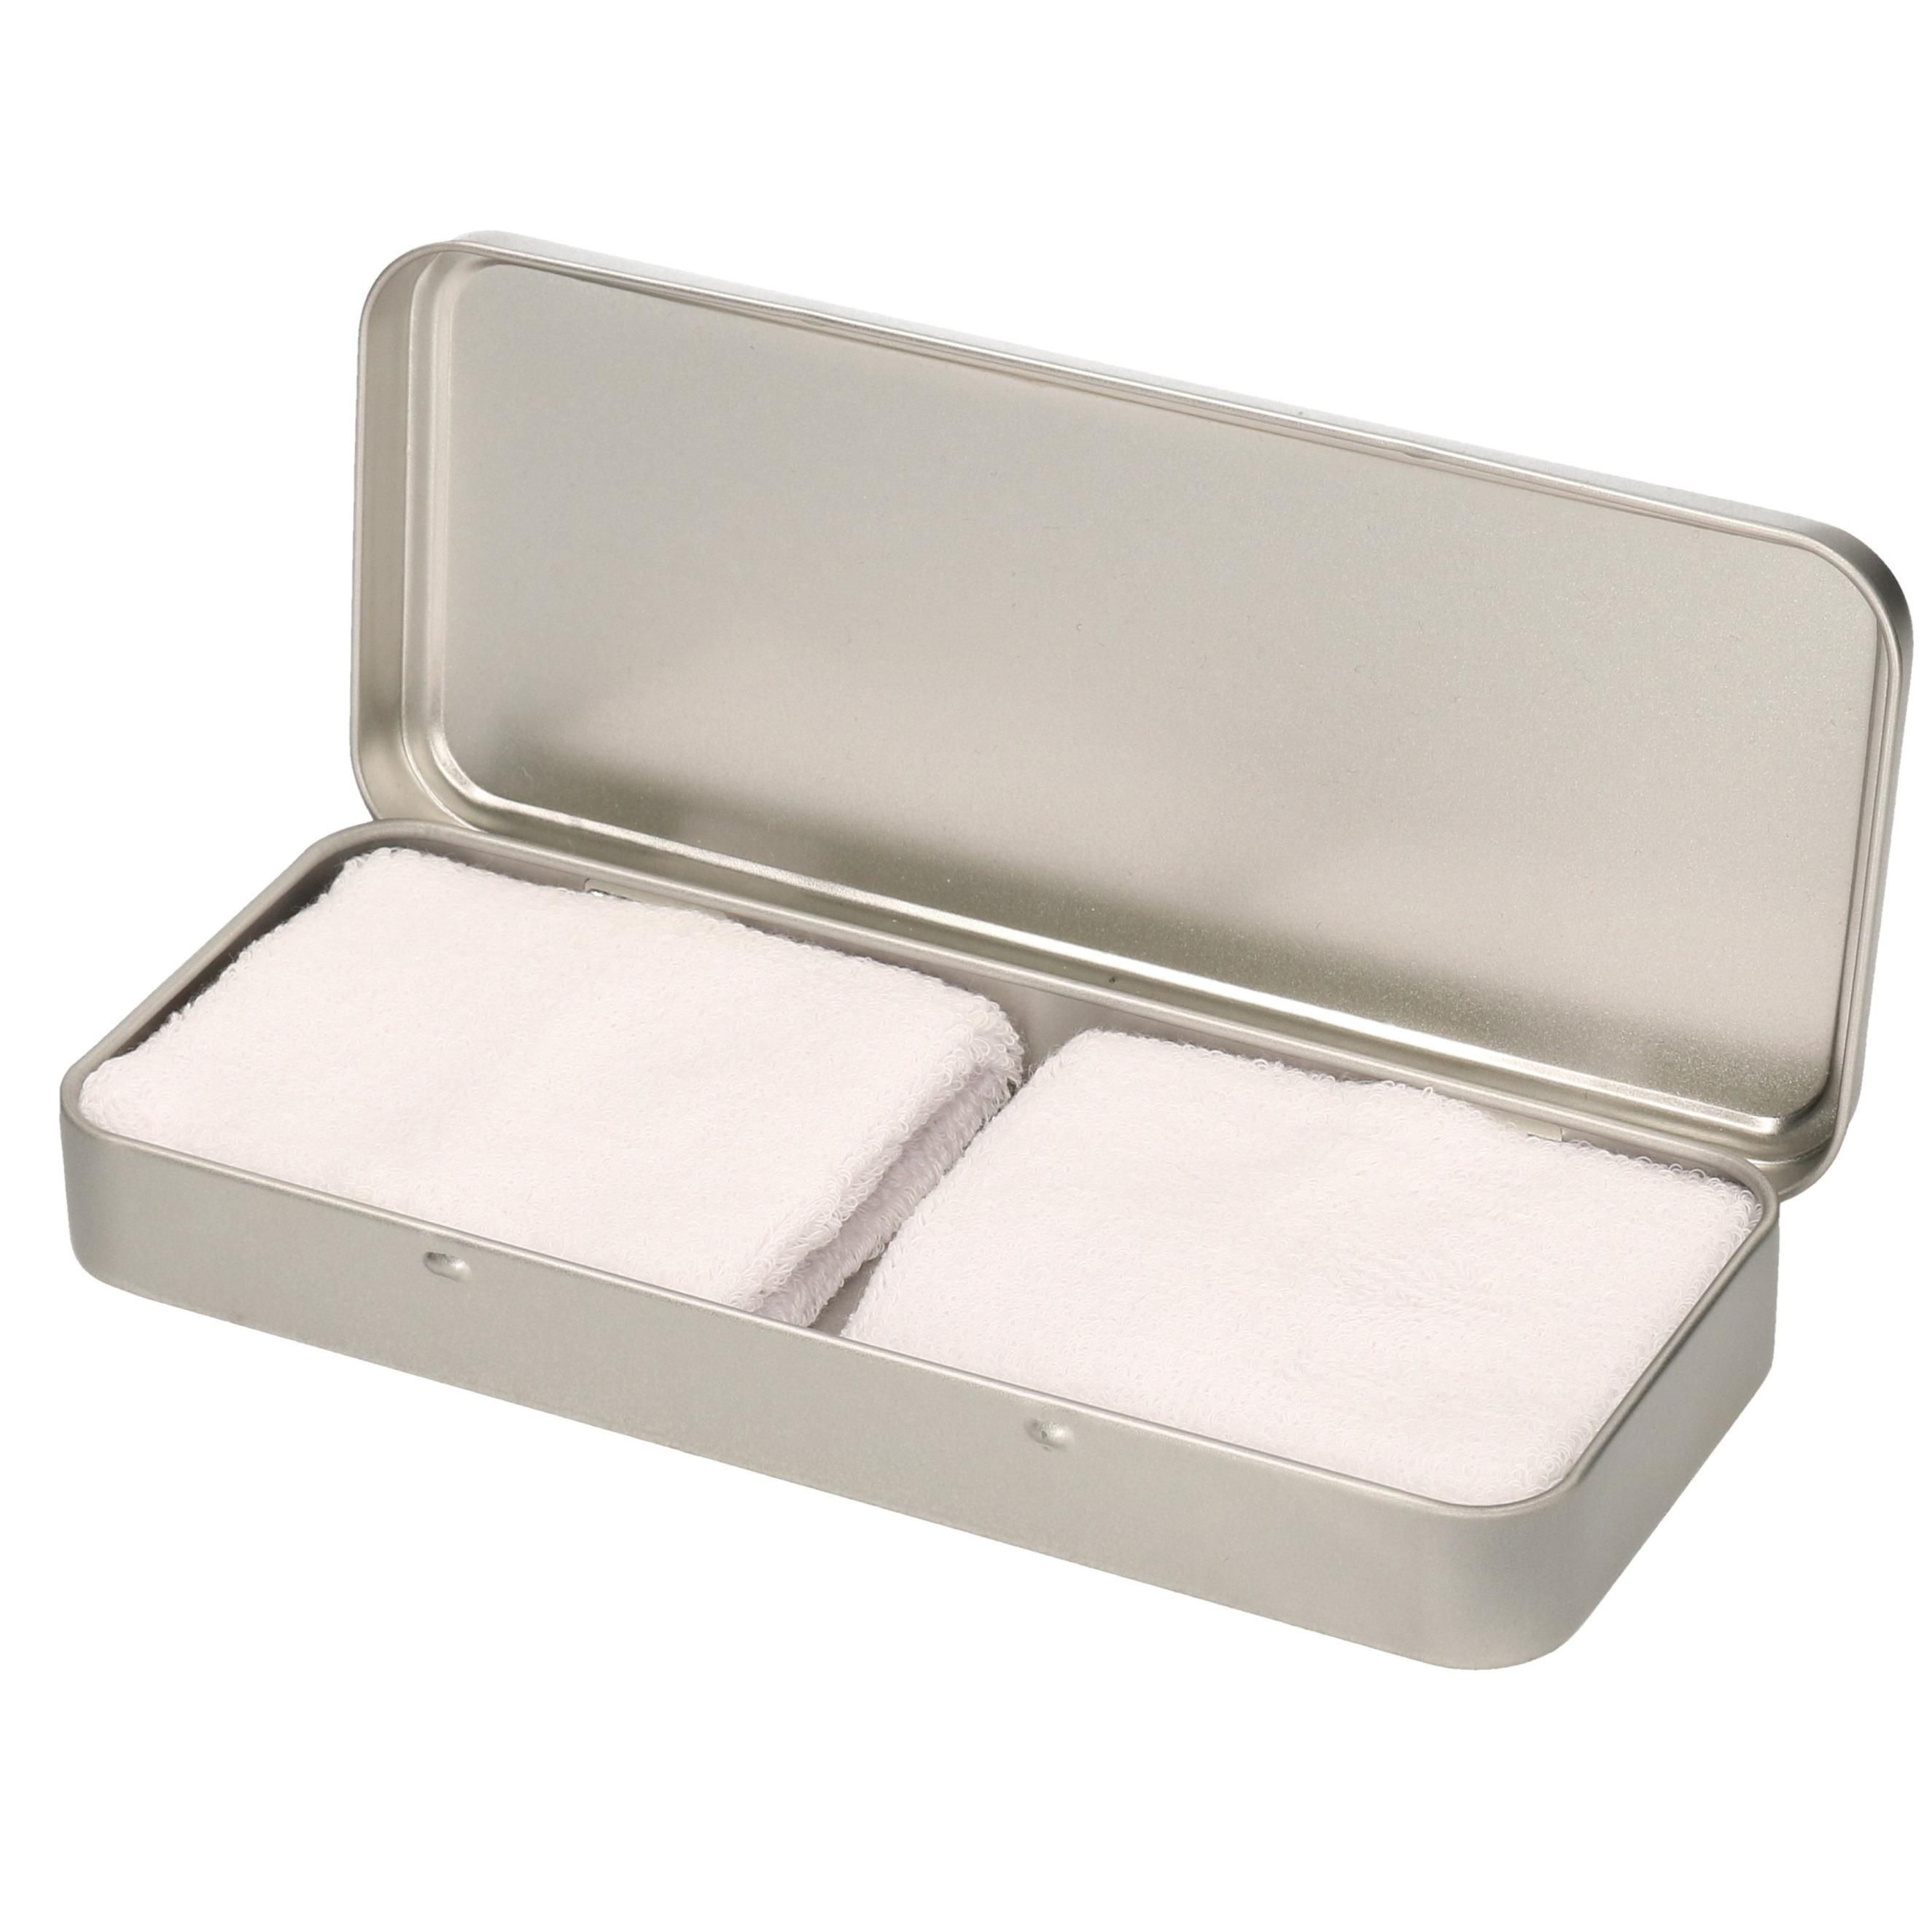 2x stuks witte sport zweetbandjes in metalen opslag bewaar doosje